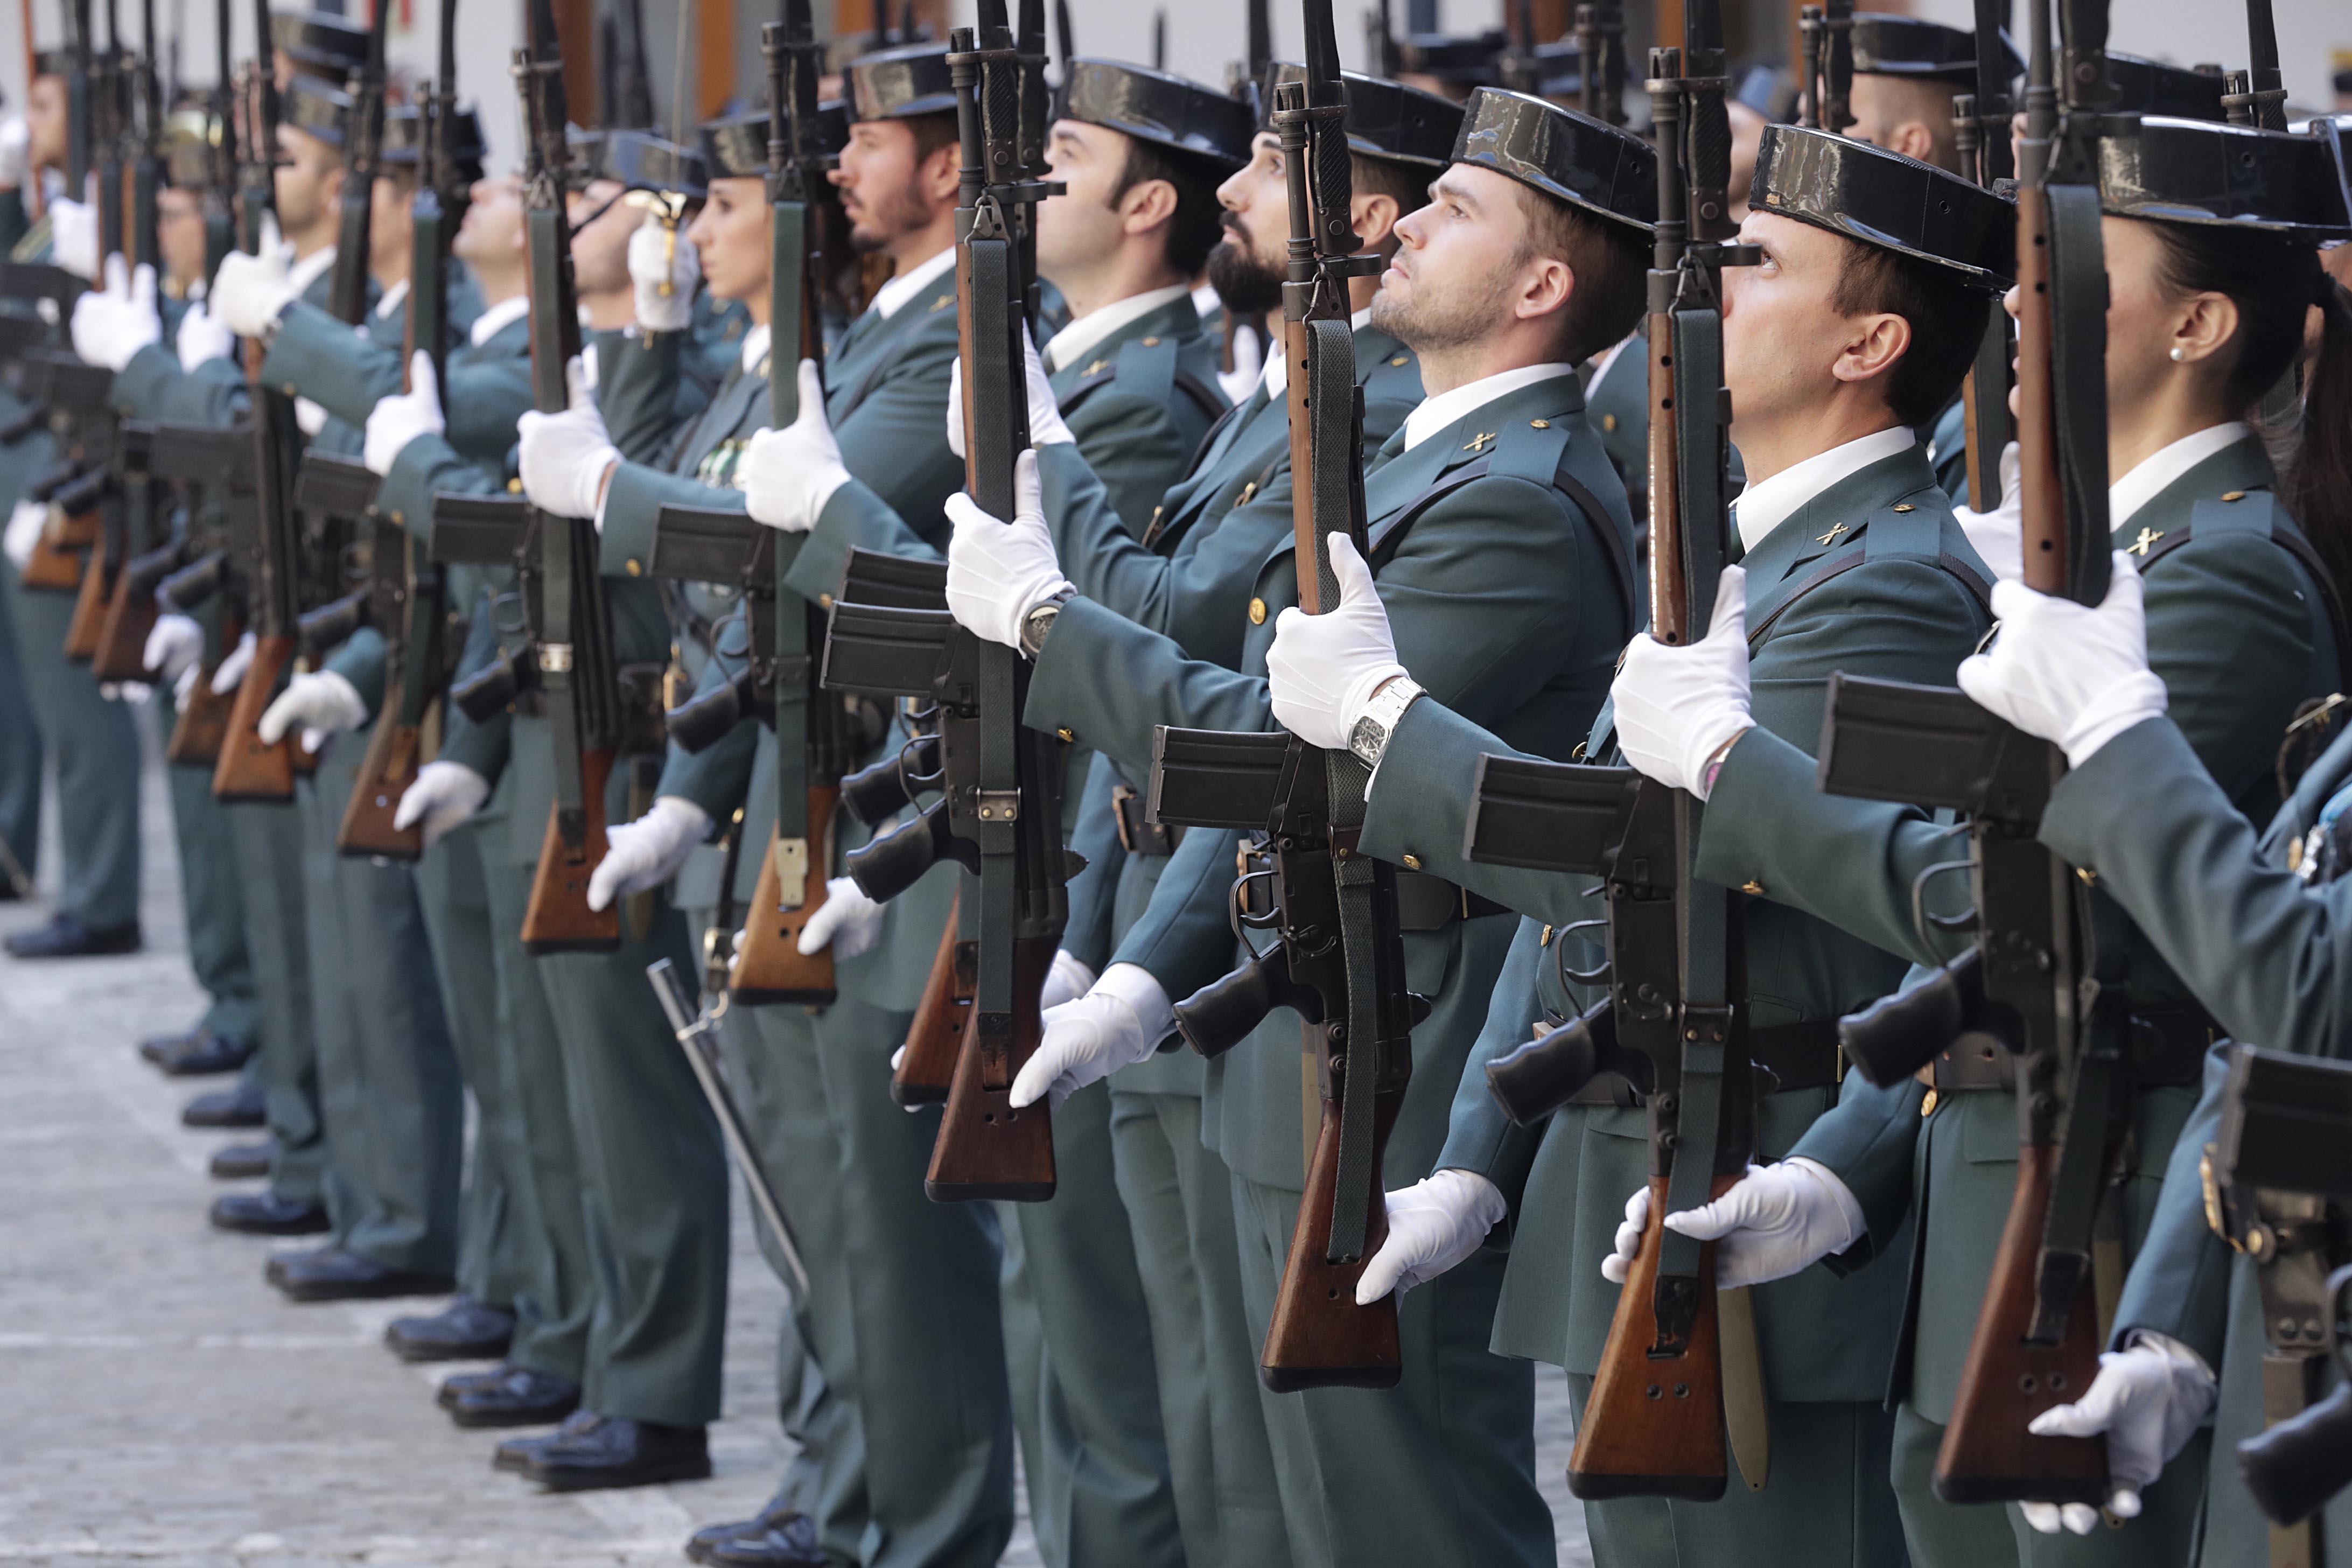 Служащим Гражданской гвардии дали три месяца, чтобы свести татуировки с открытых частей тела